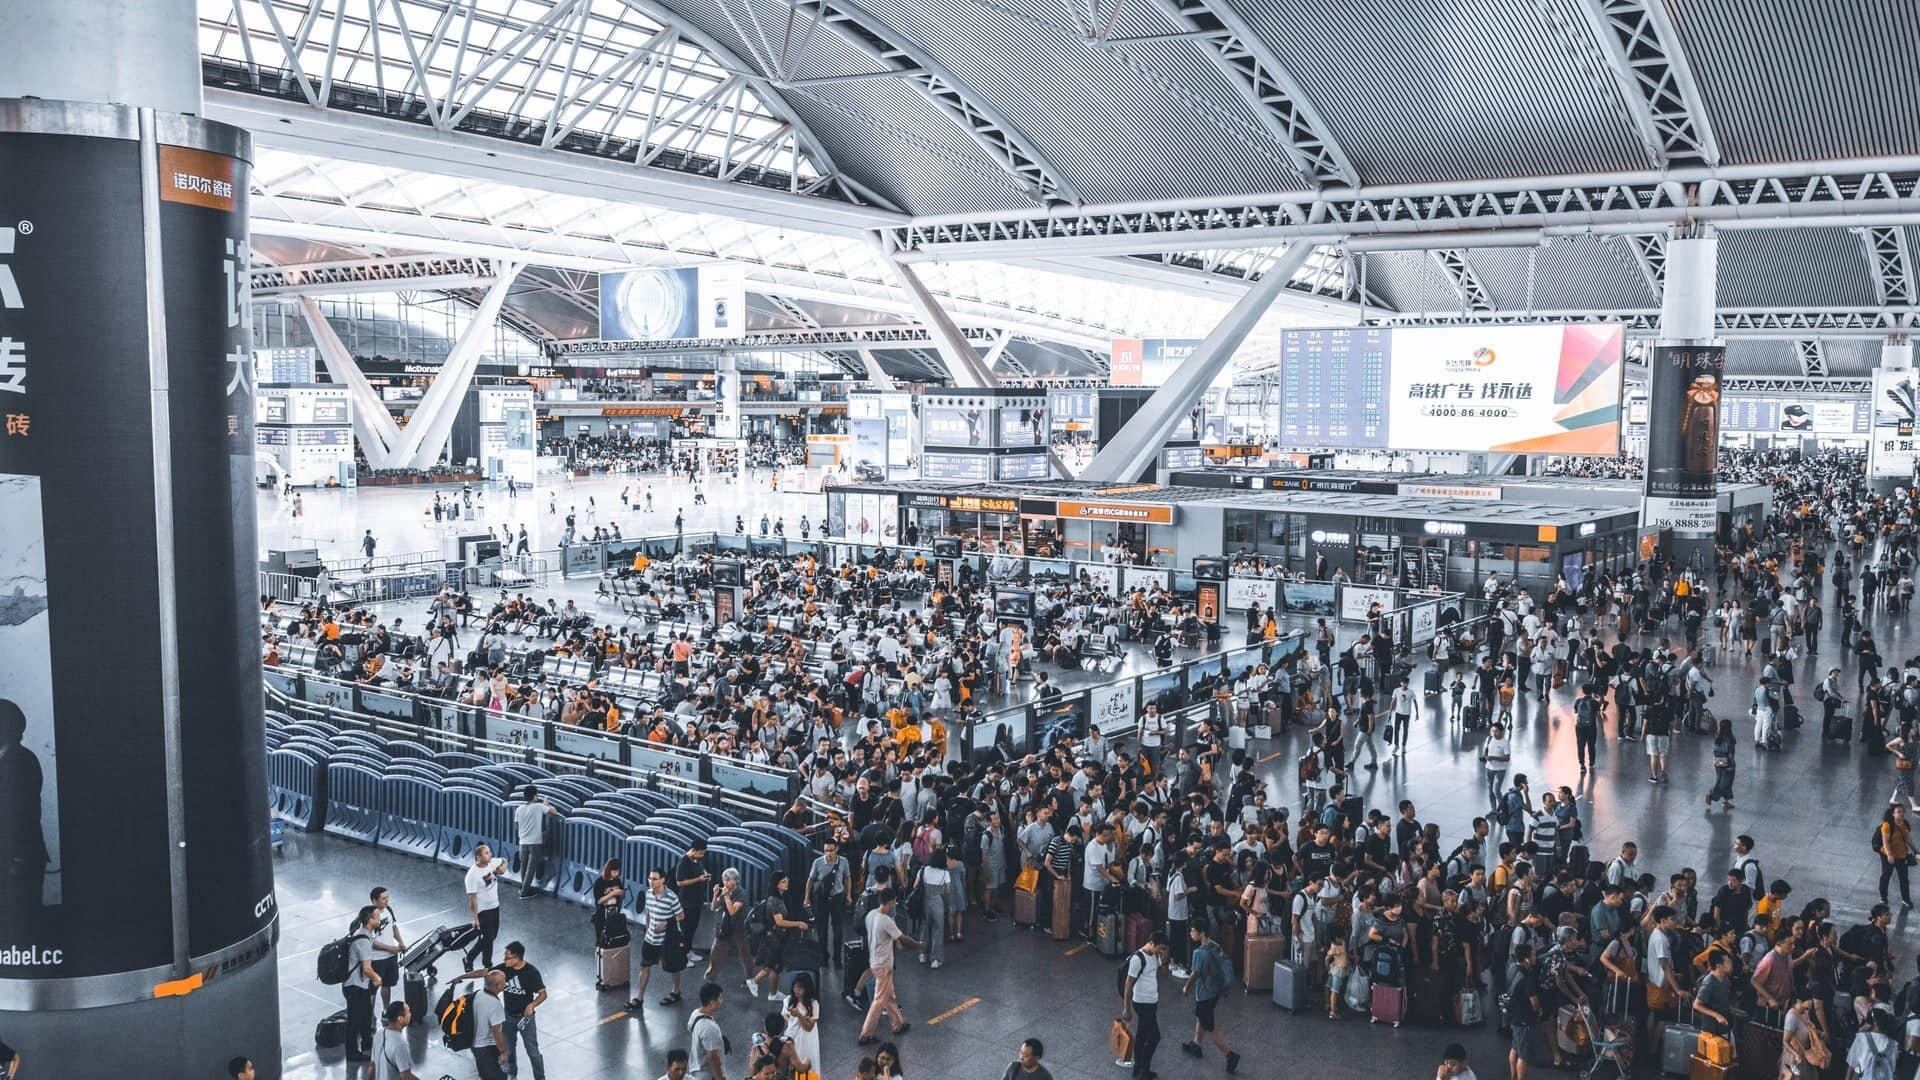 világ legforgalmassabb repülőtere Guangzhou Baiyun Atlanta Hartsfield-Jackson